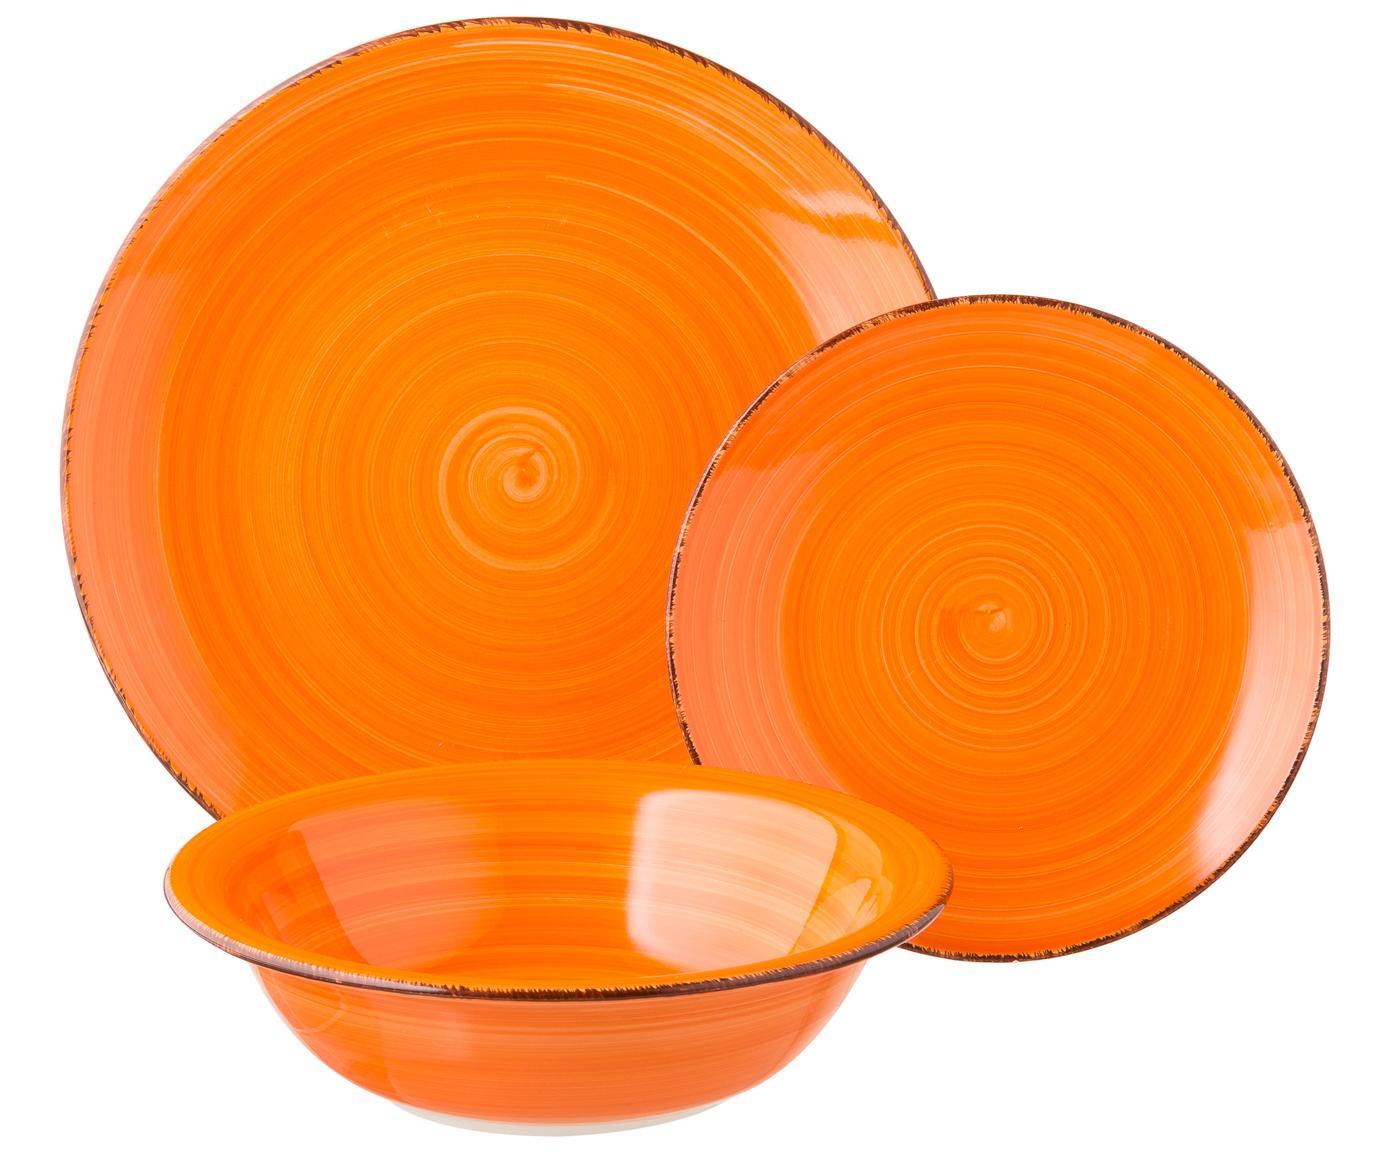 Komplet naczyń  z porcelany Baita, 18elem., Kamionka (Hard Dolomite), ręcznie malowana, Żółty, purpurowy, turkusowy, pomarańczowy, czerwony, zielony, Różne rozmiary